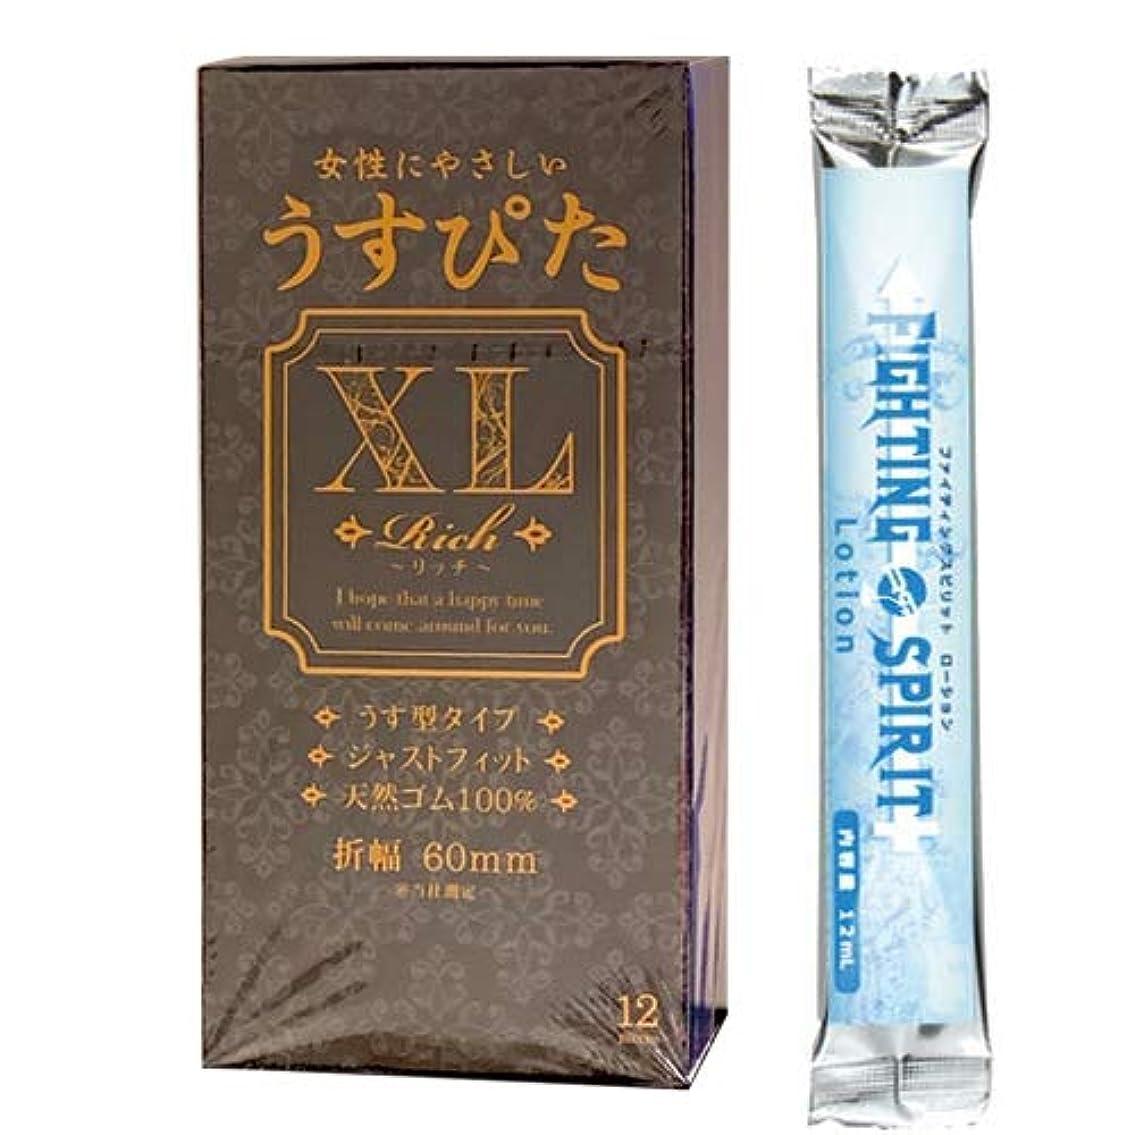 ジャパンメディカル うすぴた XL Rich(リッチ)コンドーム 12個入3個セット + ファイティングスピリットローション12mL